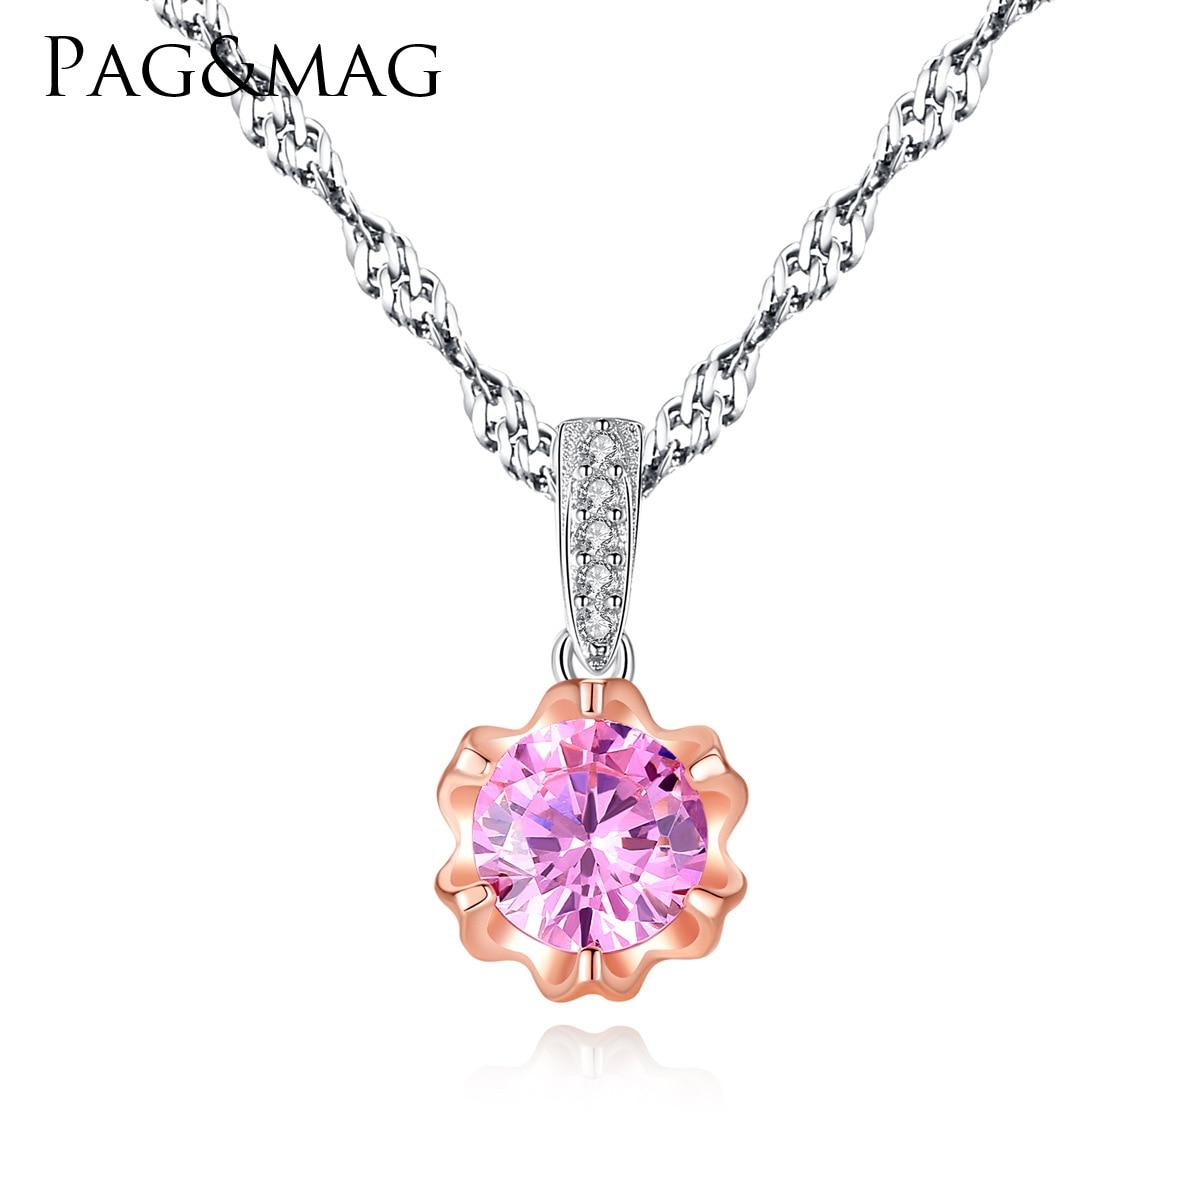 PAG & MAG collier en argent sterling 3A rose zircon fleur pendentif double couleur or boutique dame article